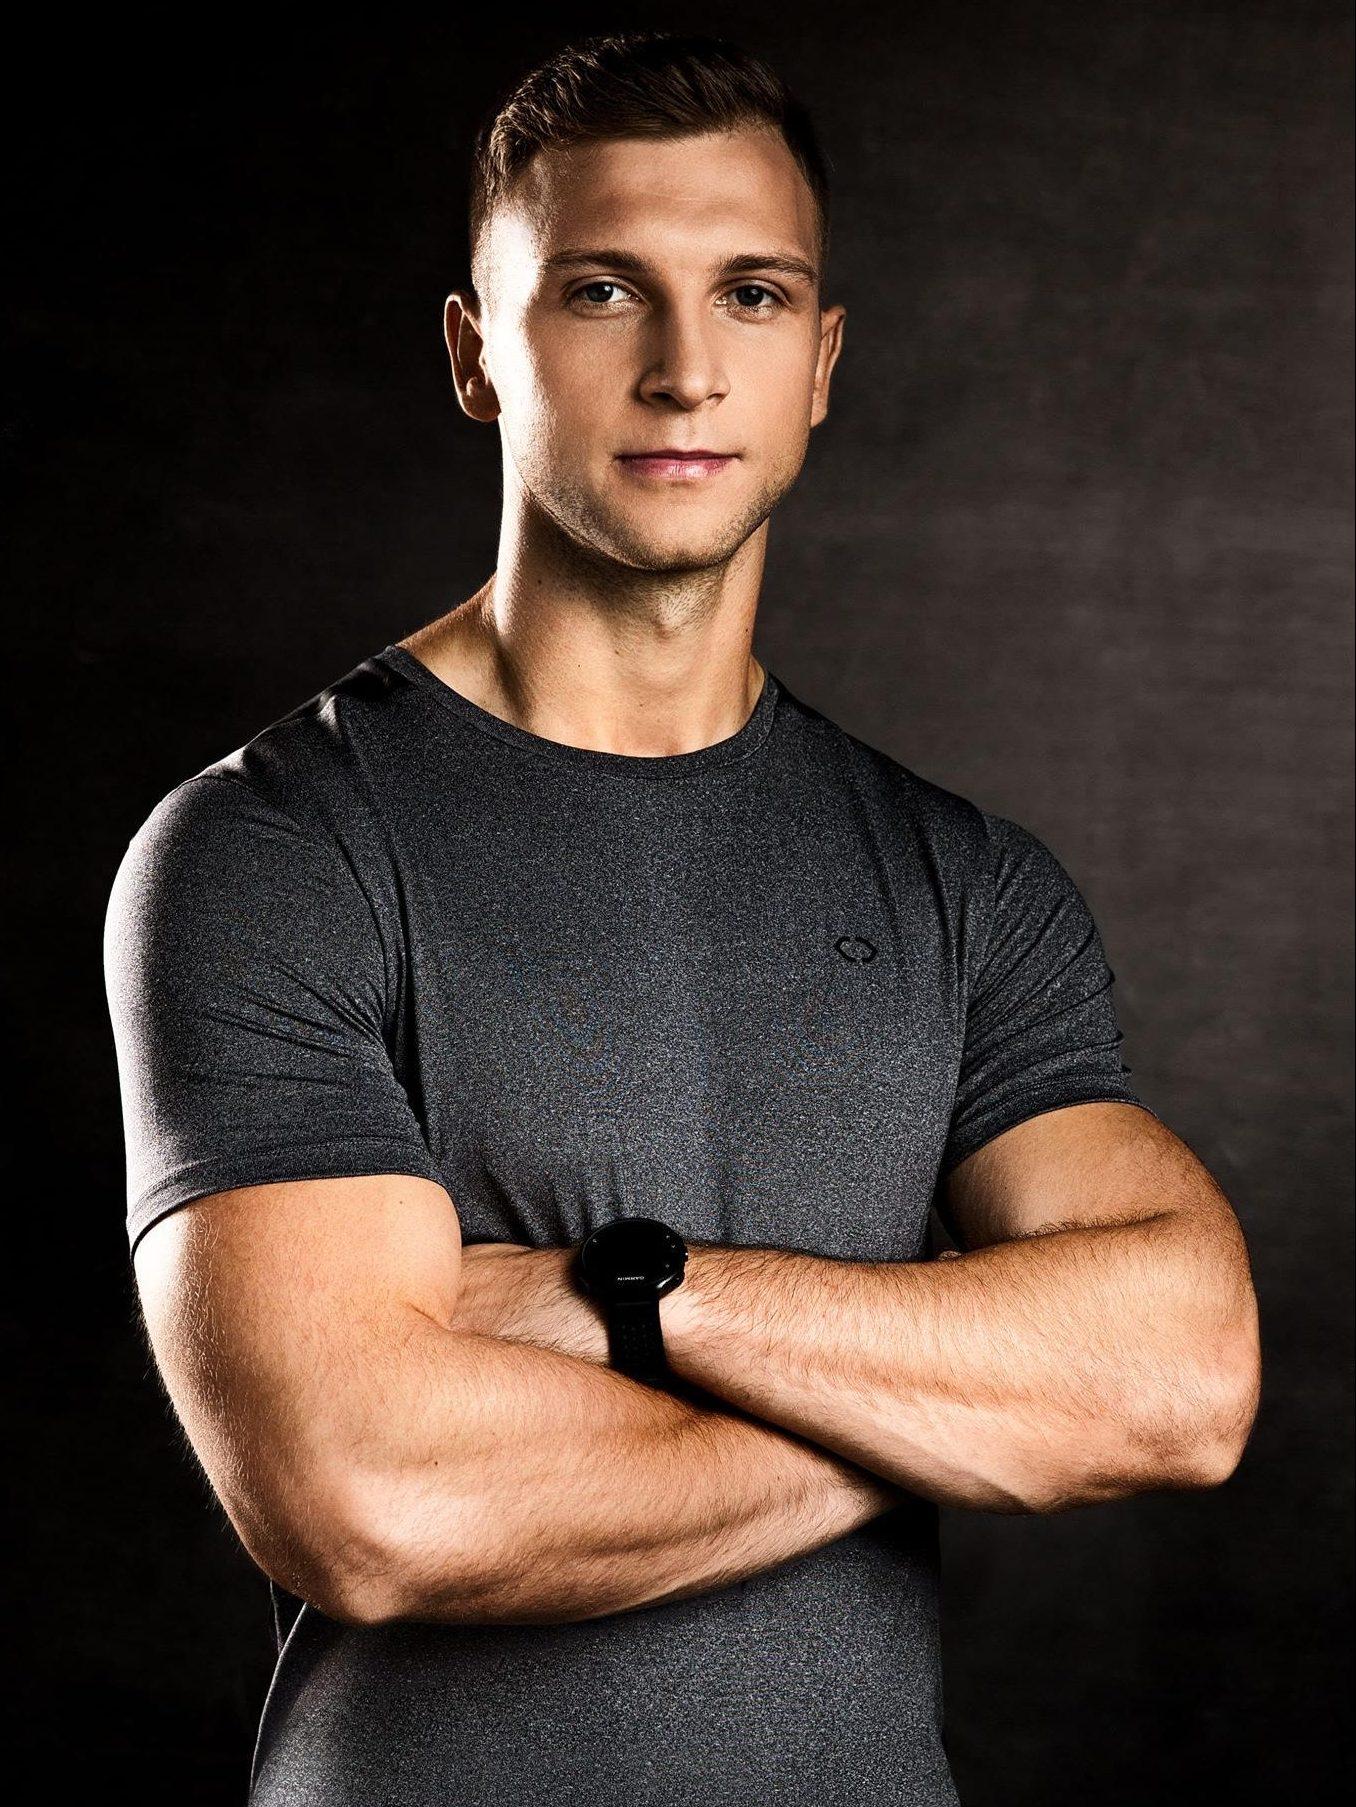 Lukas Kirilovas